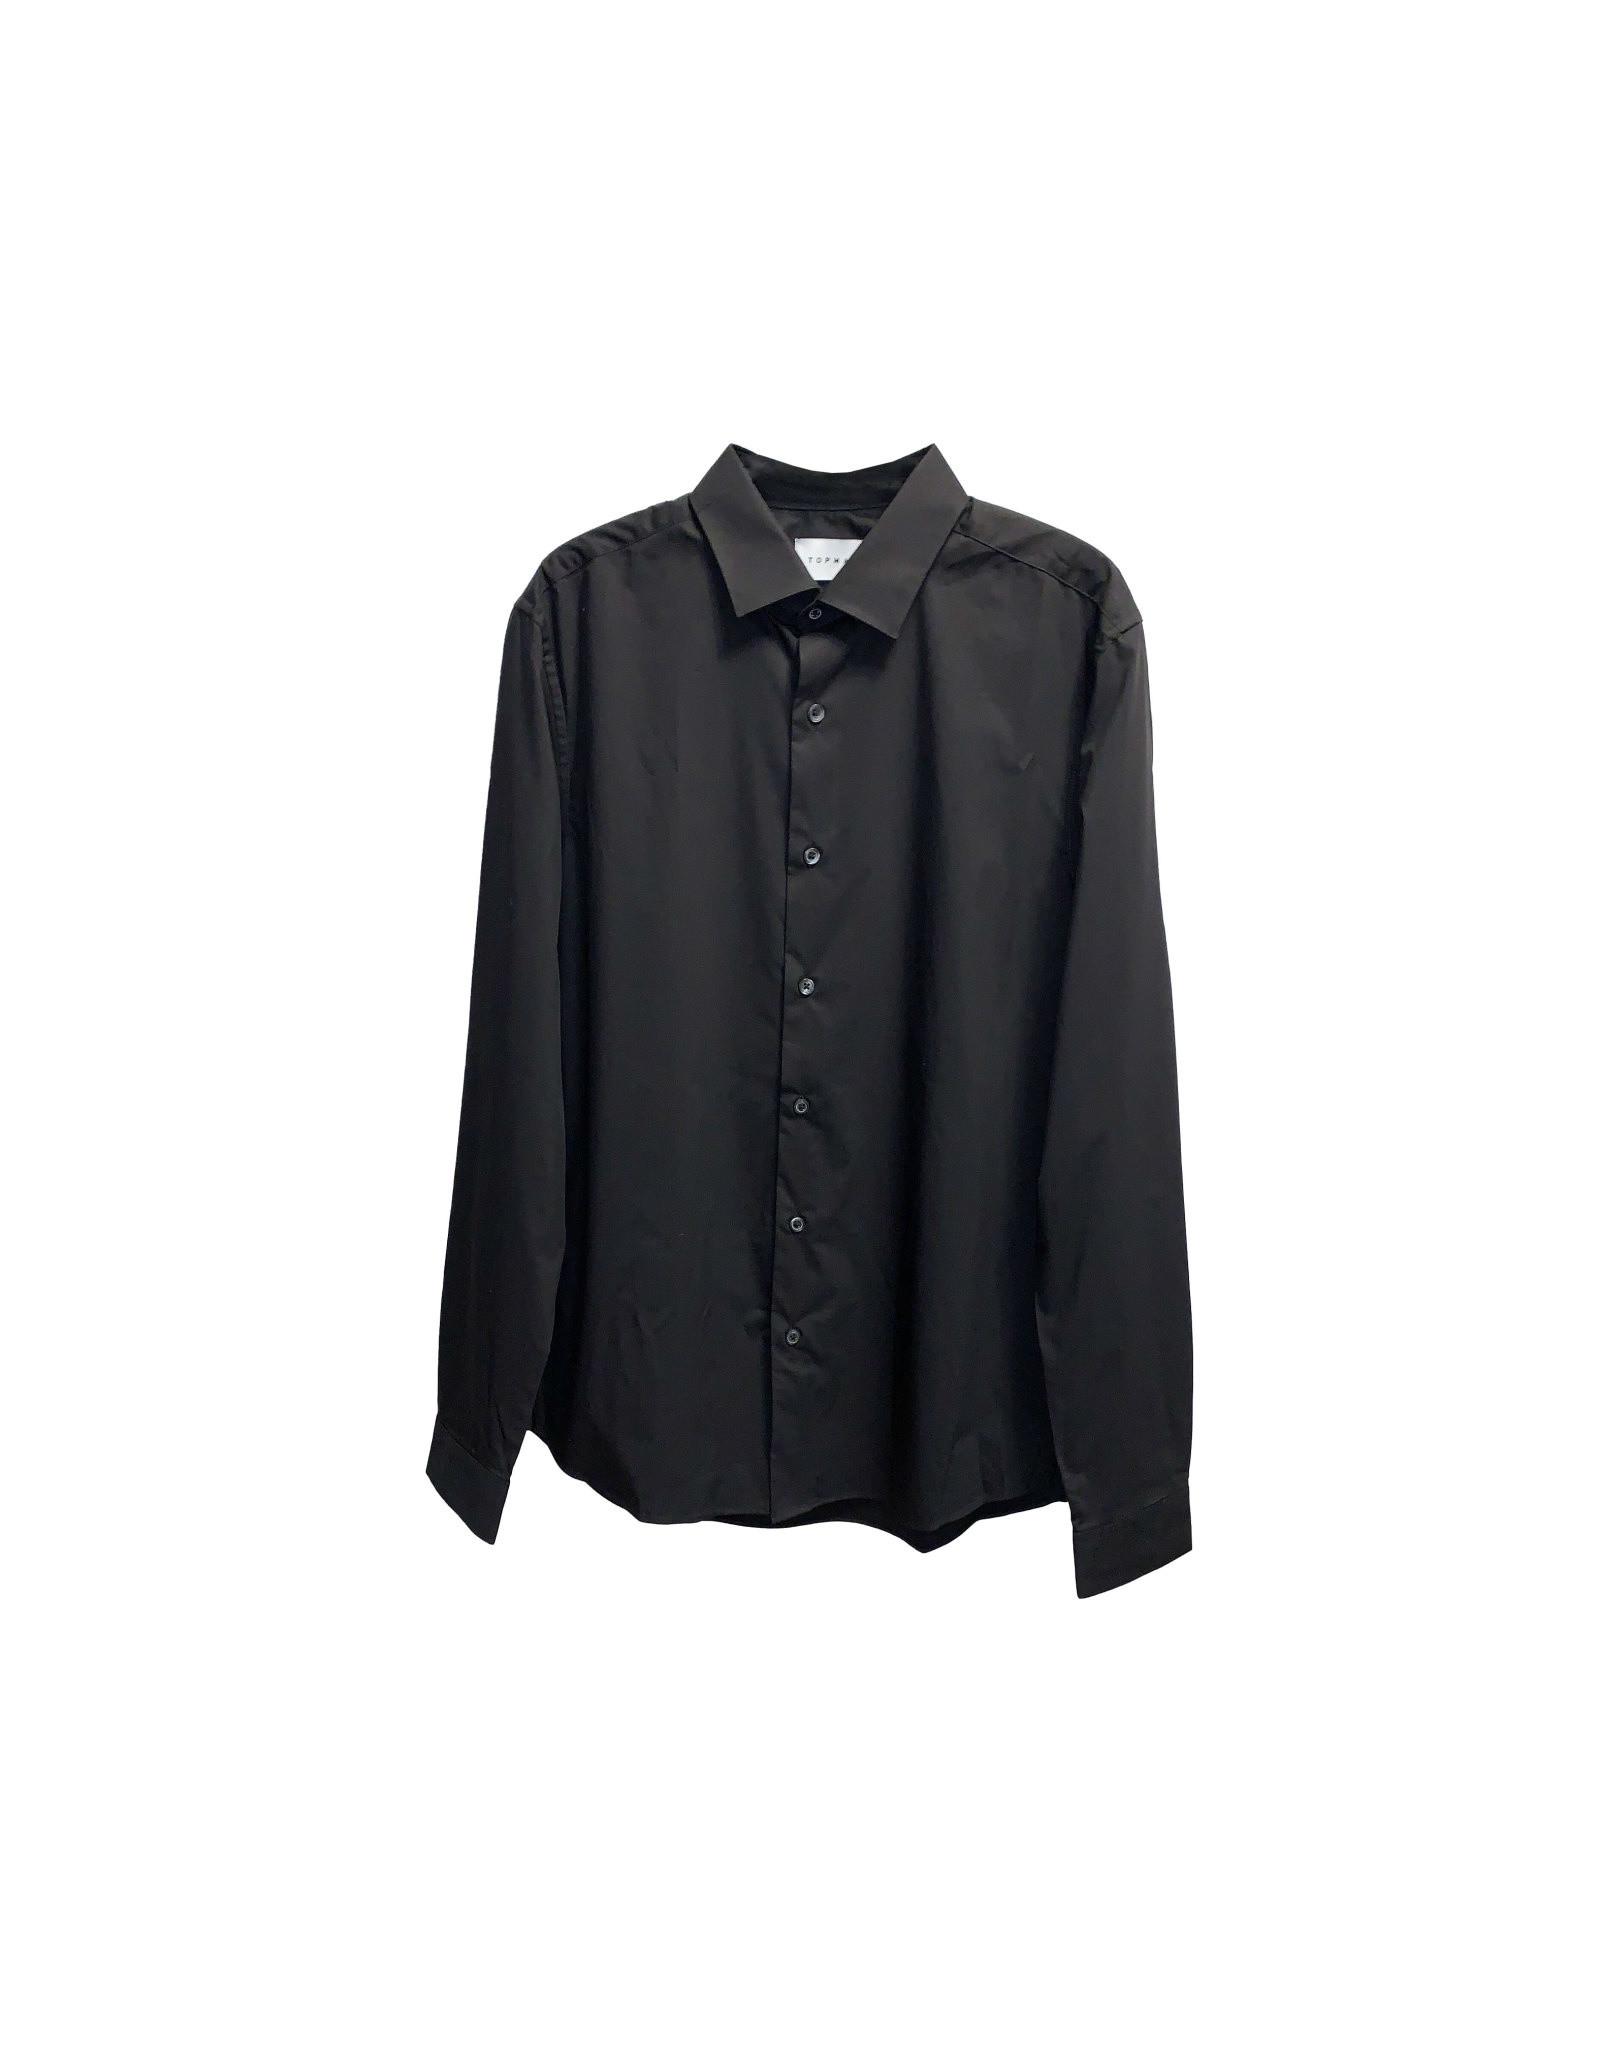 TOPMAN Topman  Plain  Black Dress Shirt Size M